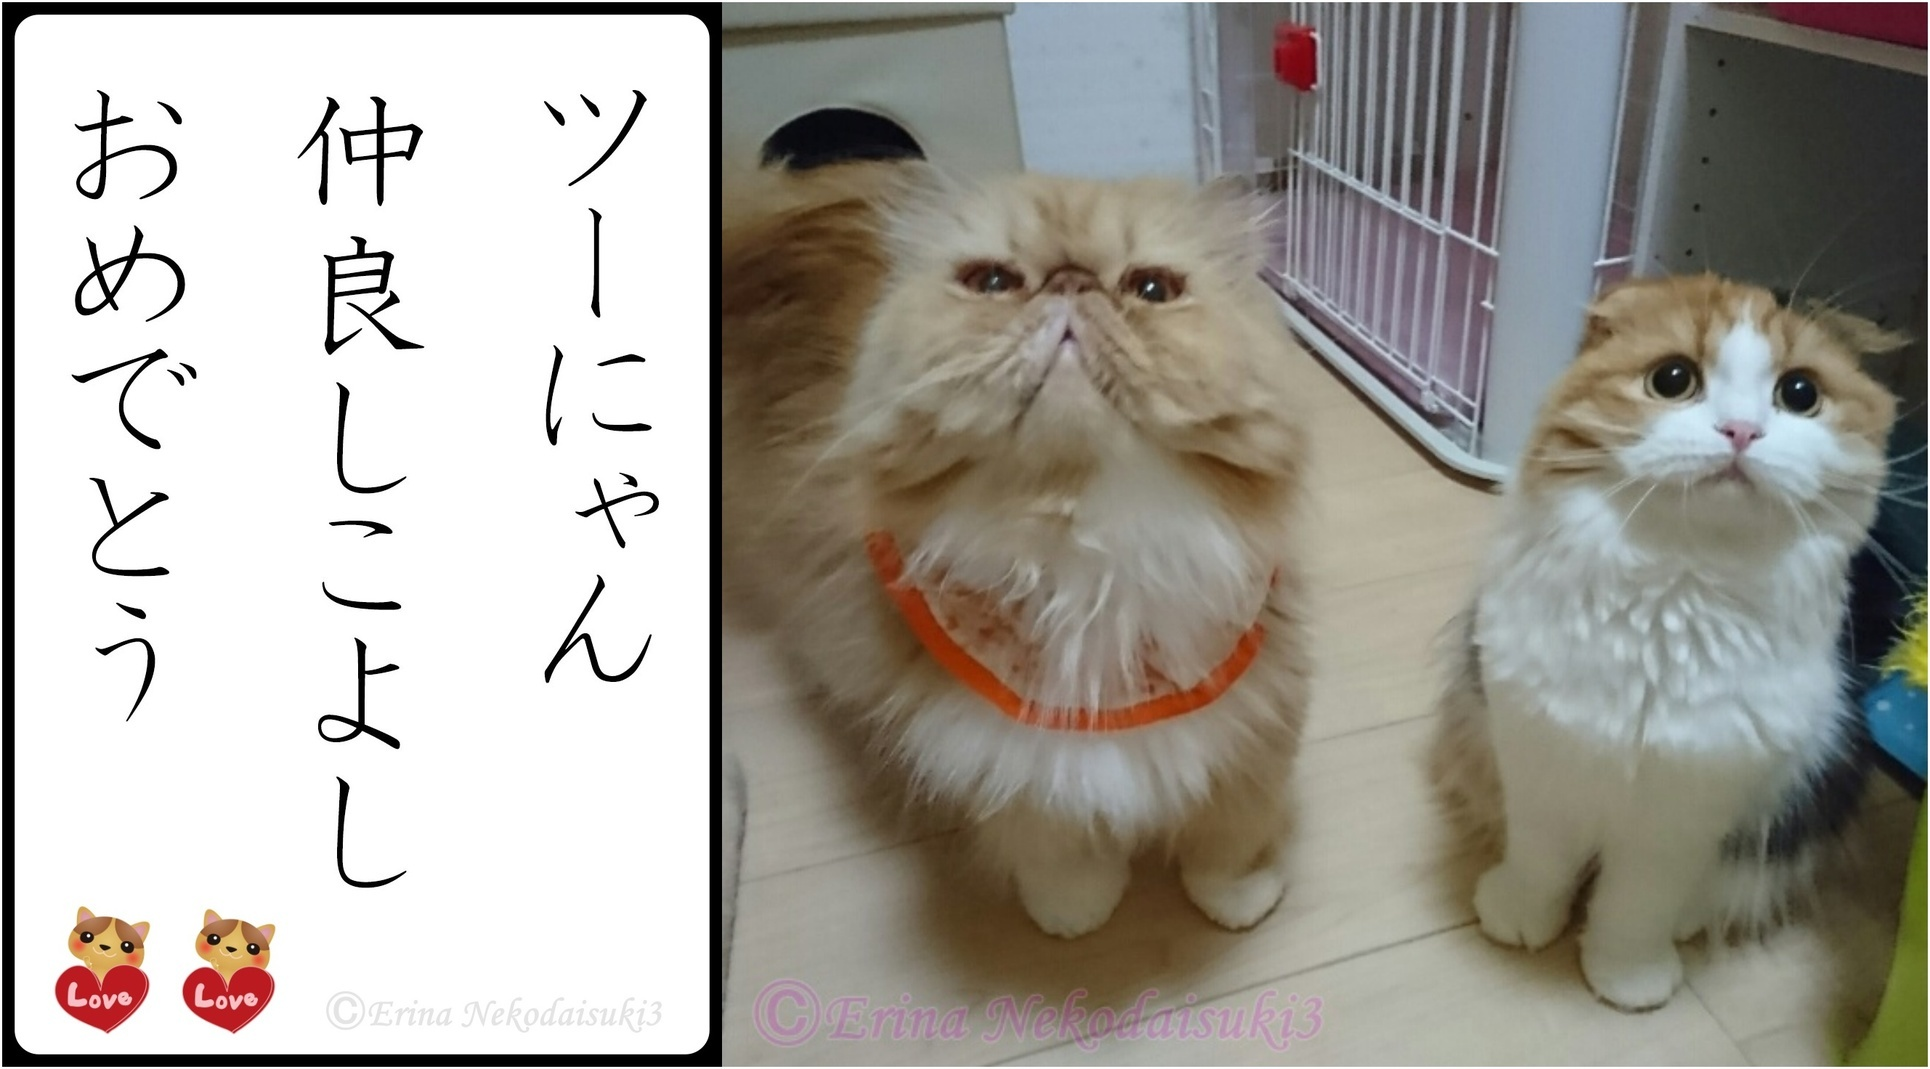 2連結猫川柳2にゃん仲良しこよしおめでとう-side.jpg